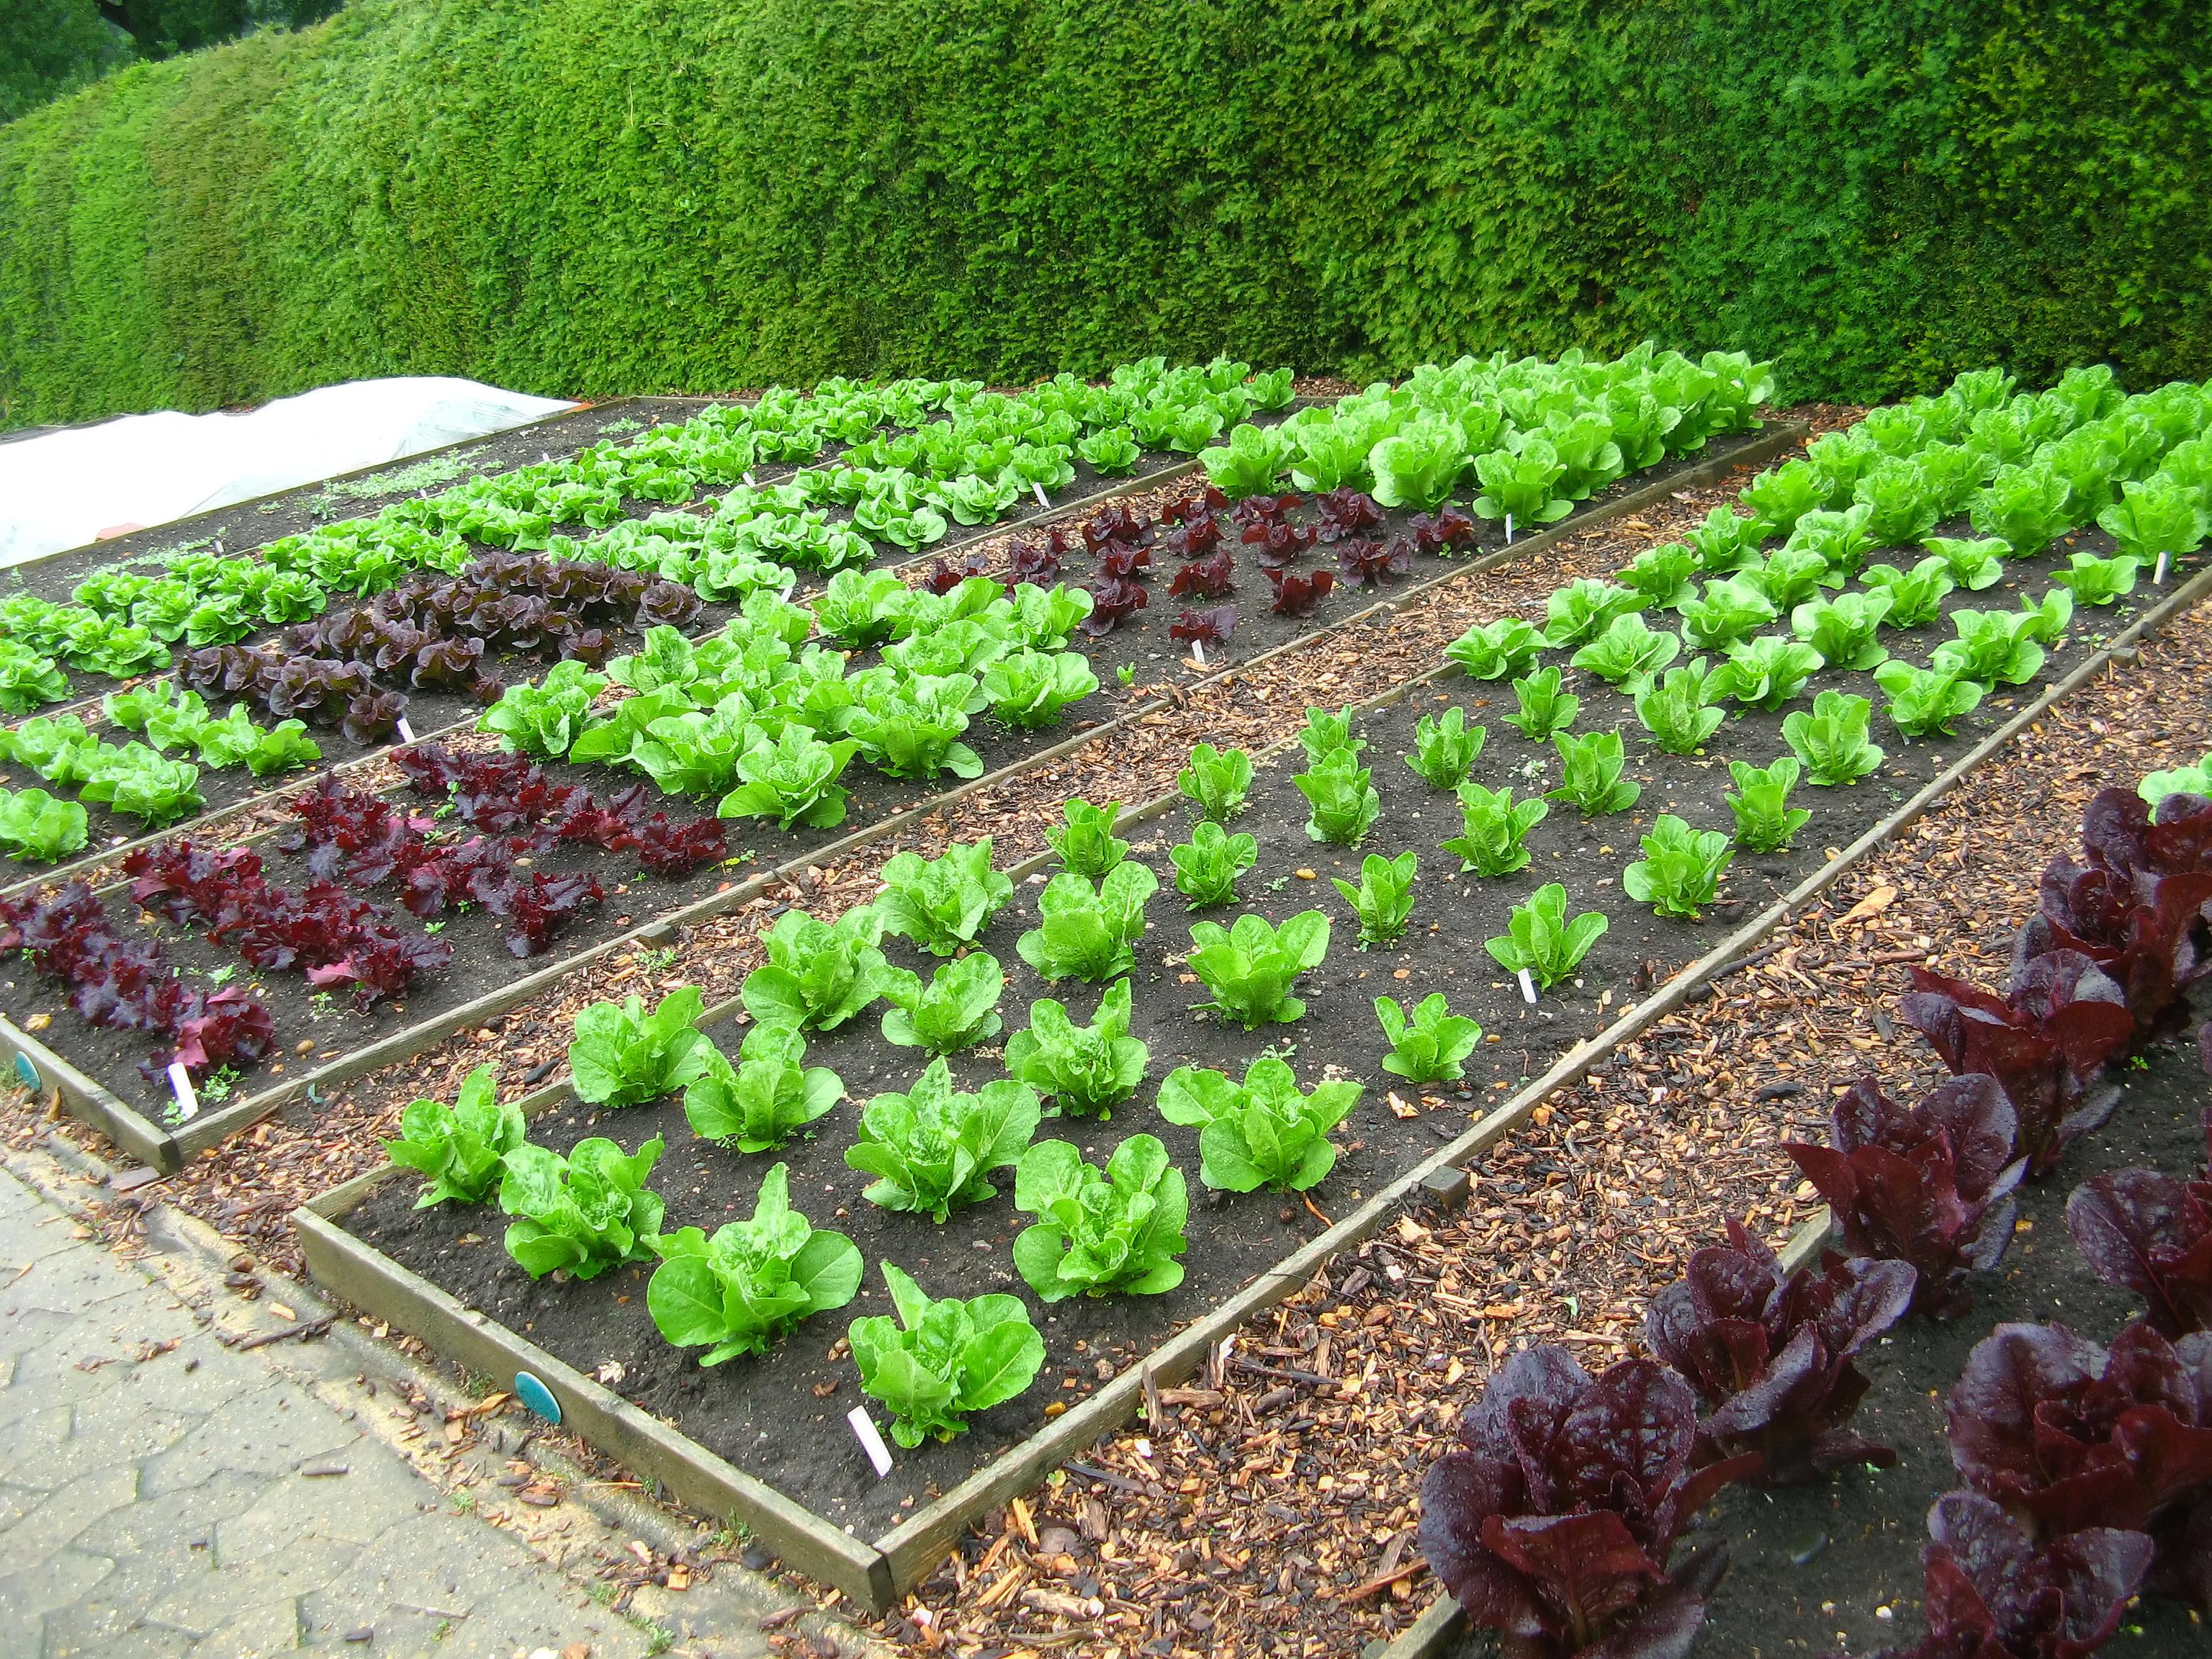 producción de hortalizas